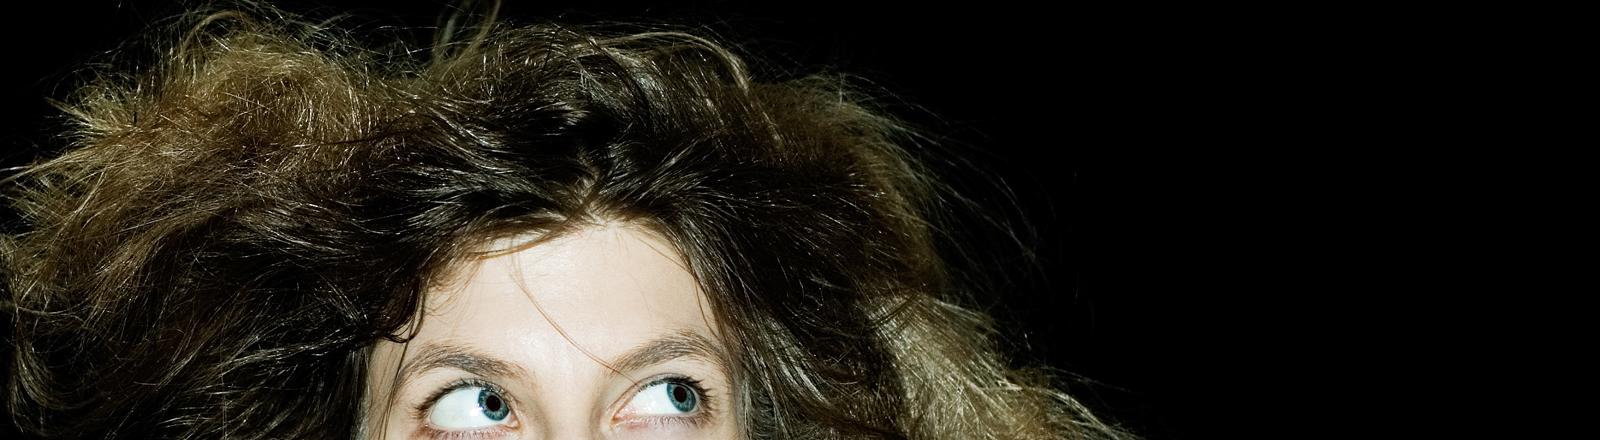 Frau mit einer wilden Haarmähne